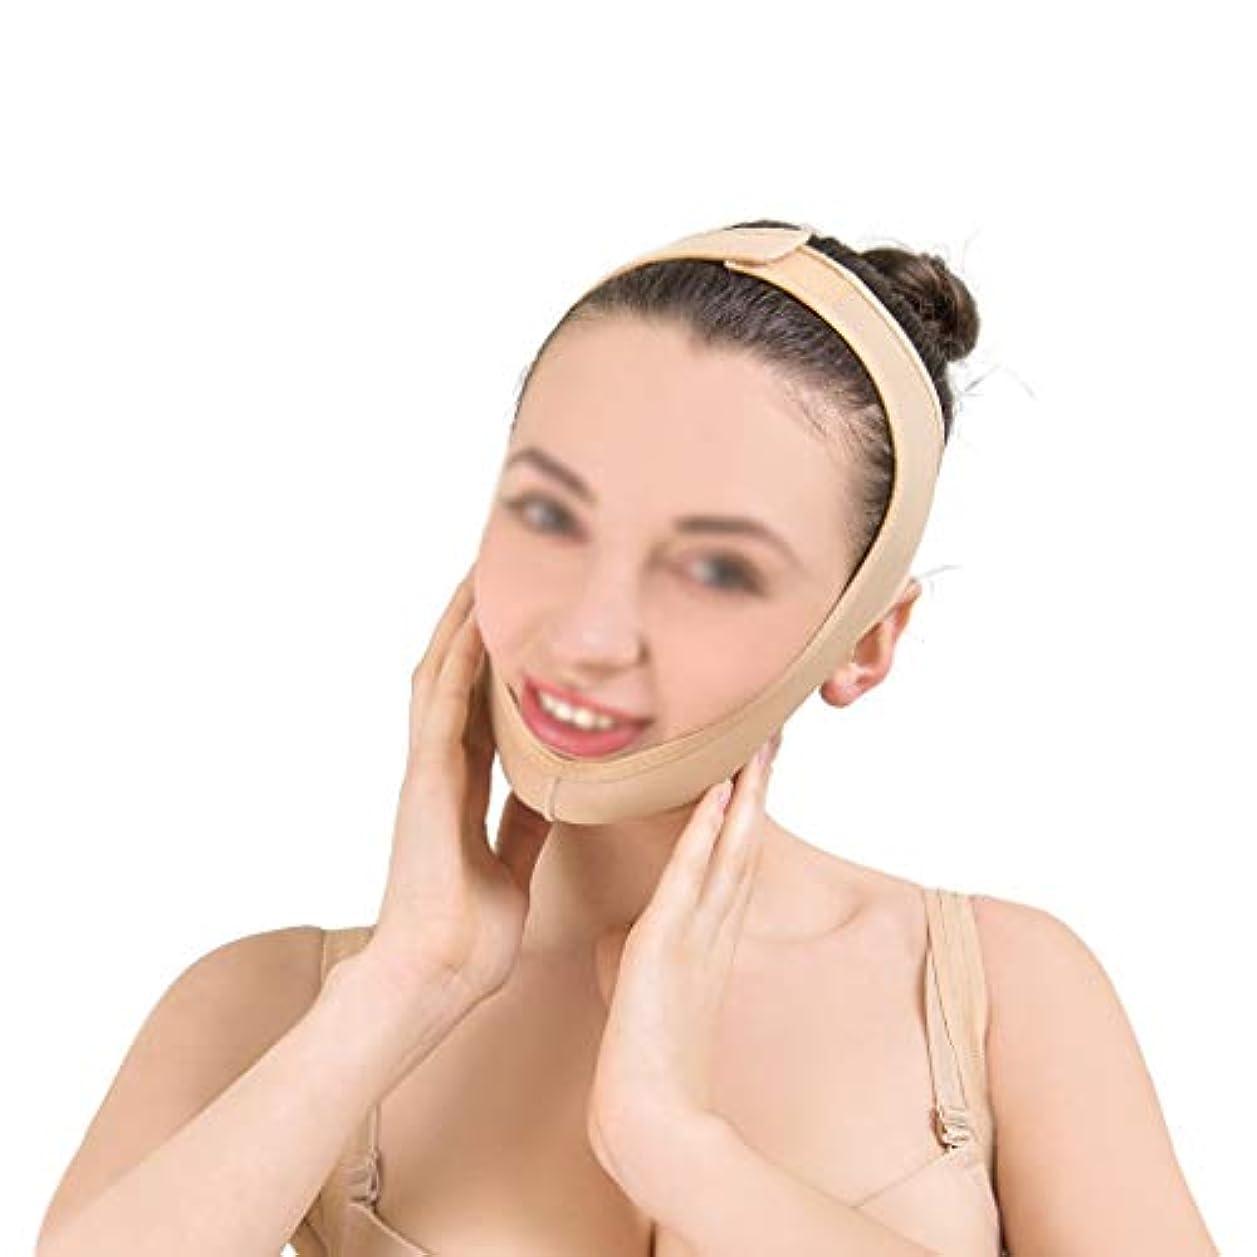 エッセンス加入失望させるフェイスシェイピングベルト、肌の包帯の持ち上げと締め付け、フェイスベルトの持ち上げ、快適で通気性のあるフェイシャルリフティングマスク (Size : M)